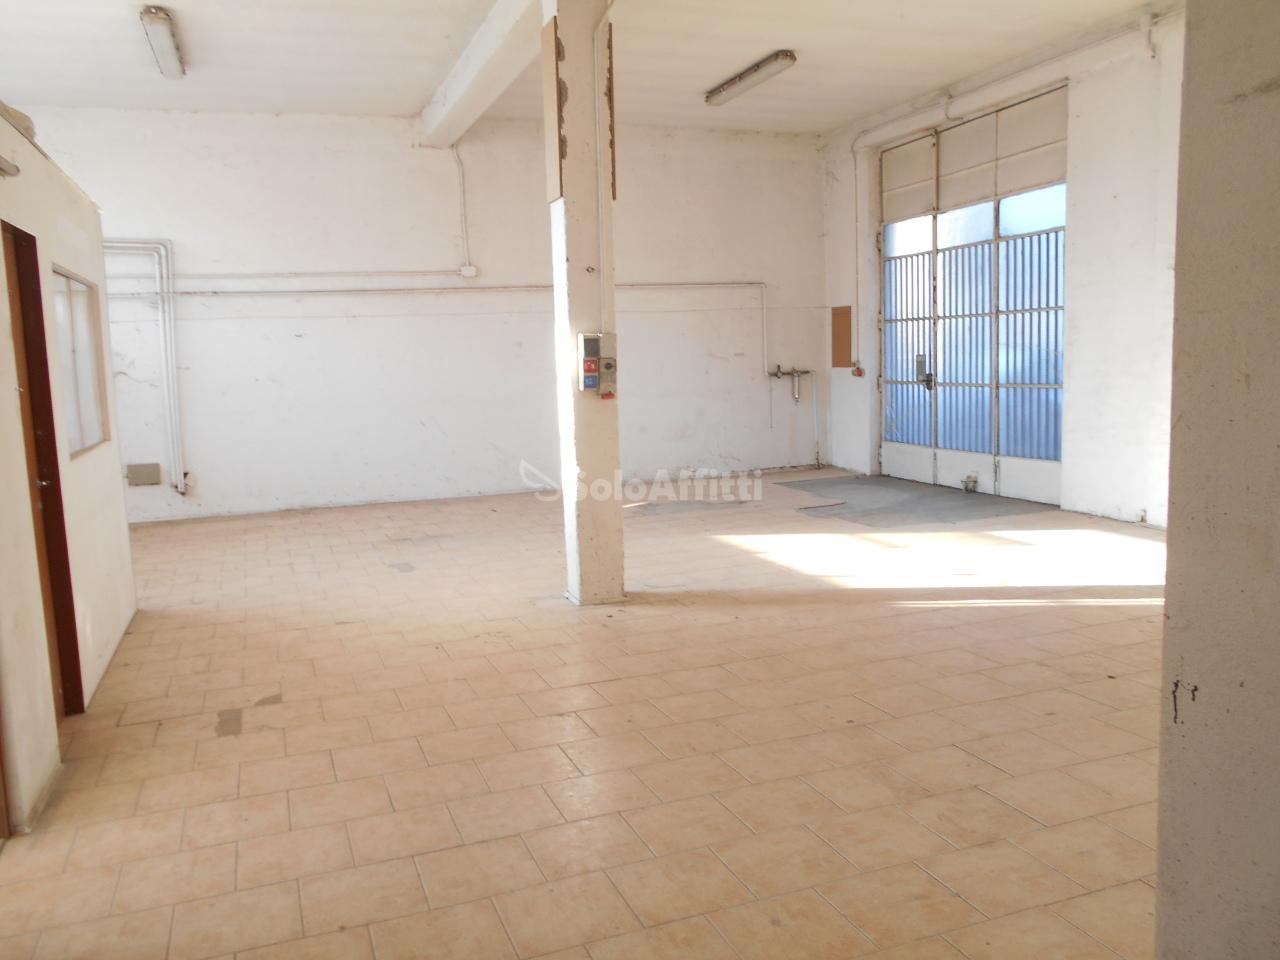 Magazzino in affitto a Carugo, 1 locali, prezzo € 900   PortaleAgenzieImmobiliari.it